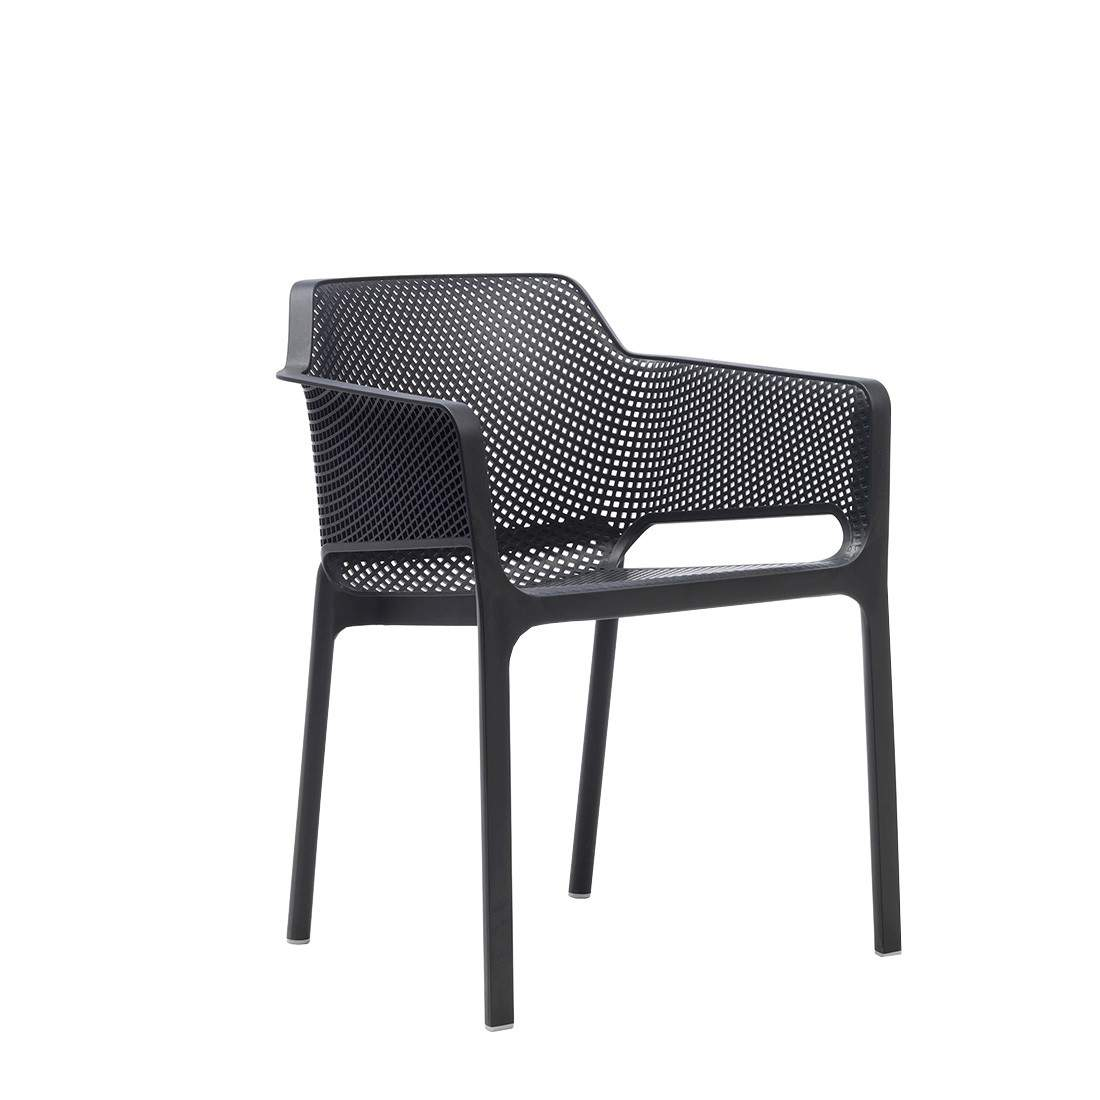 gartenm bel st hle loungest hel online kaufen innsbruck. Black Bedroom Furniture Sets. Home Design Ideas